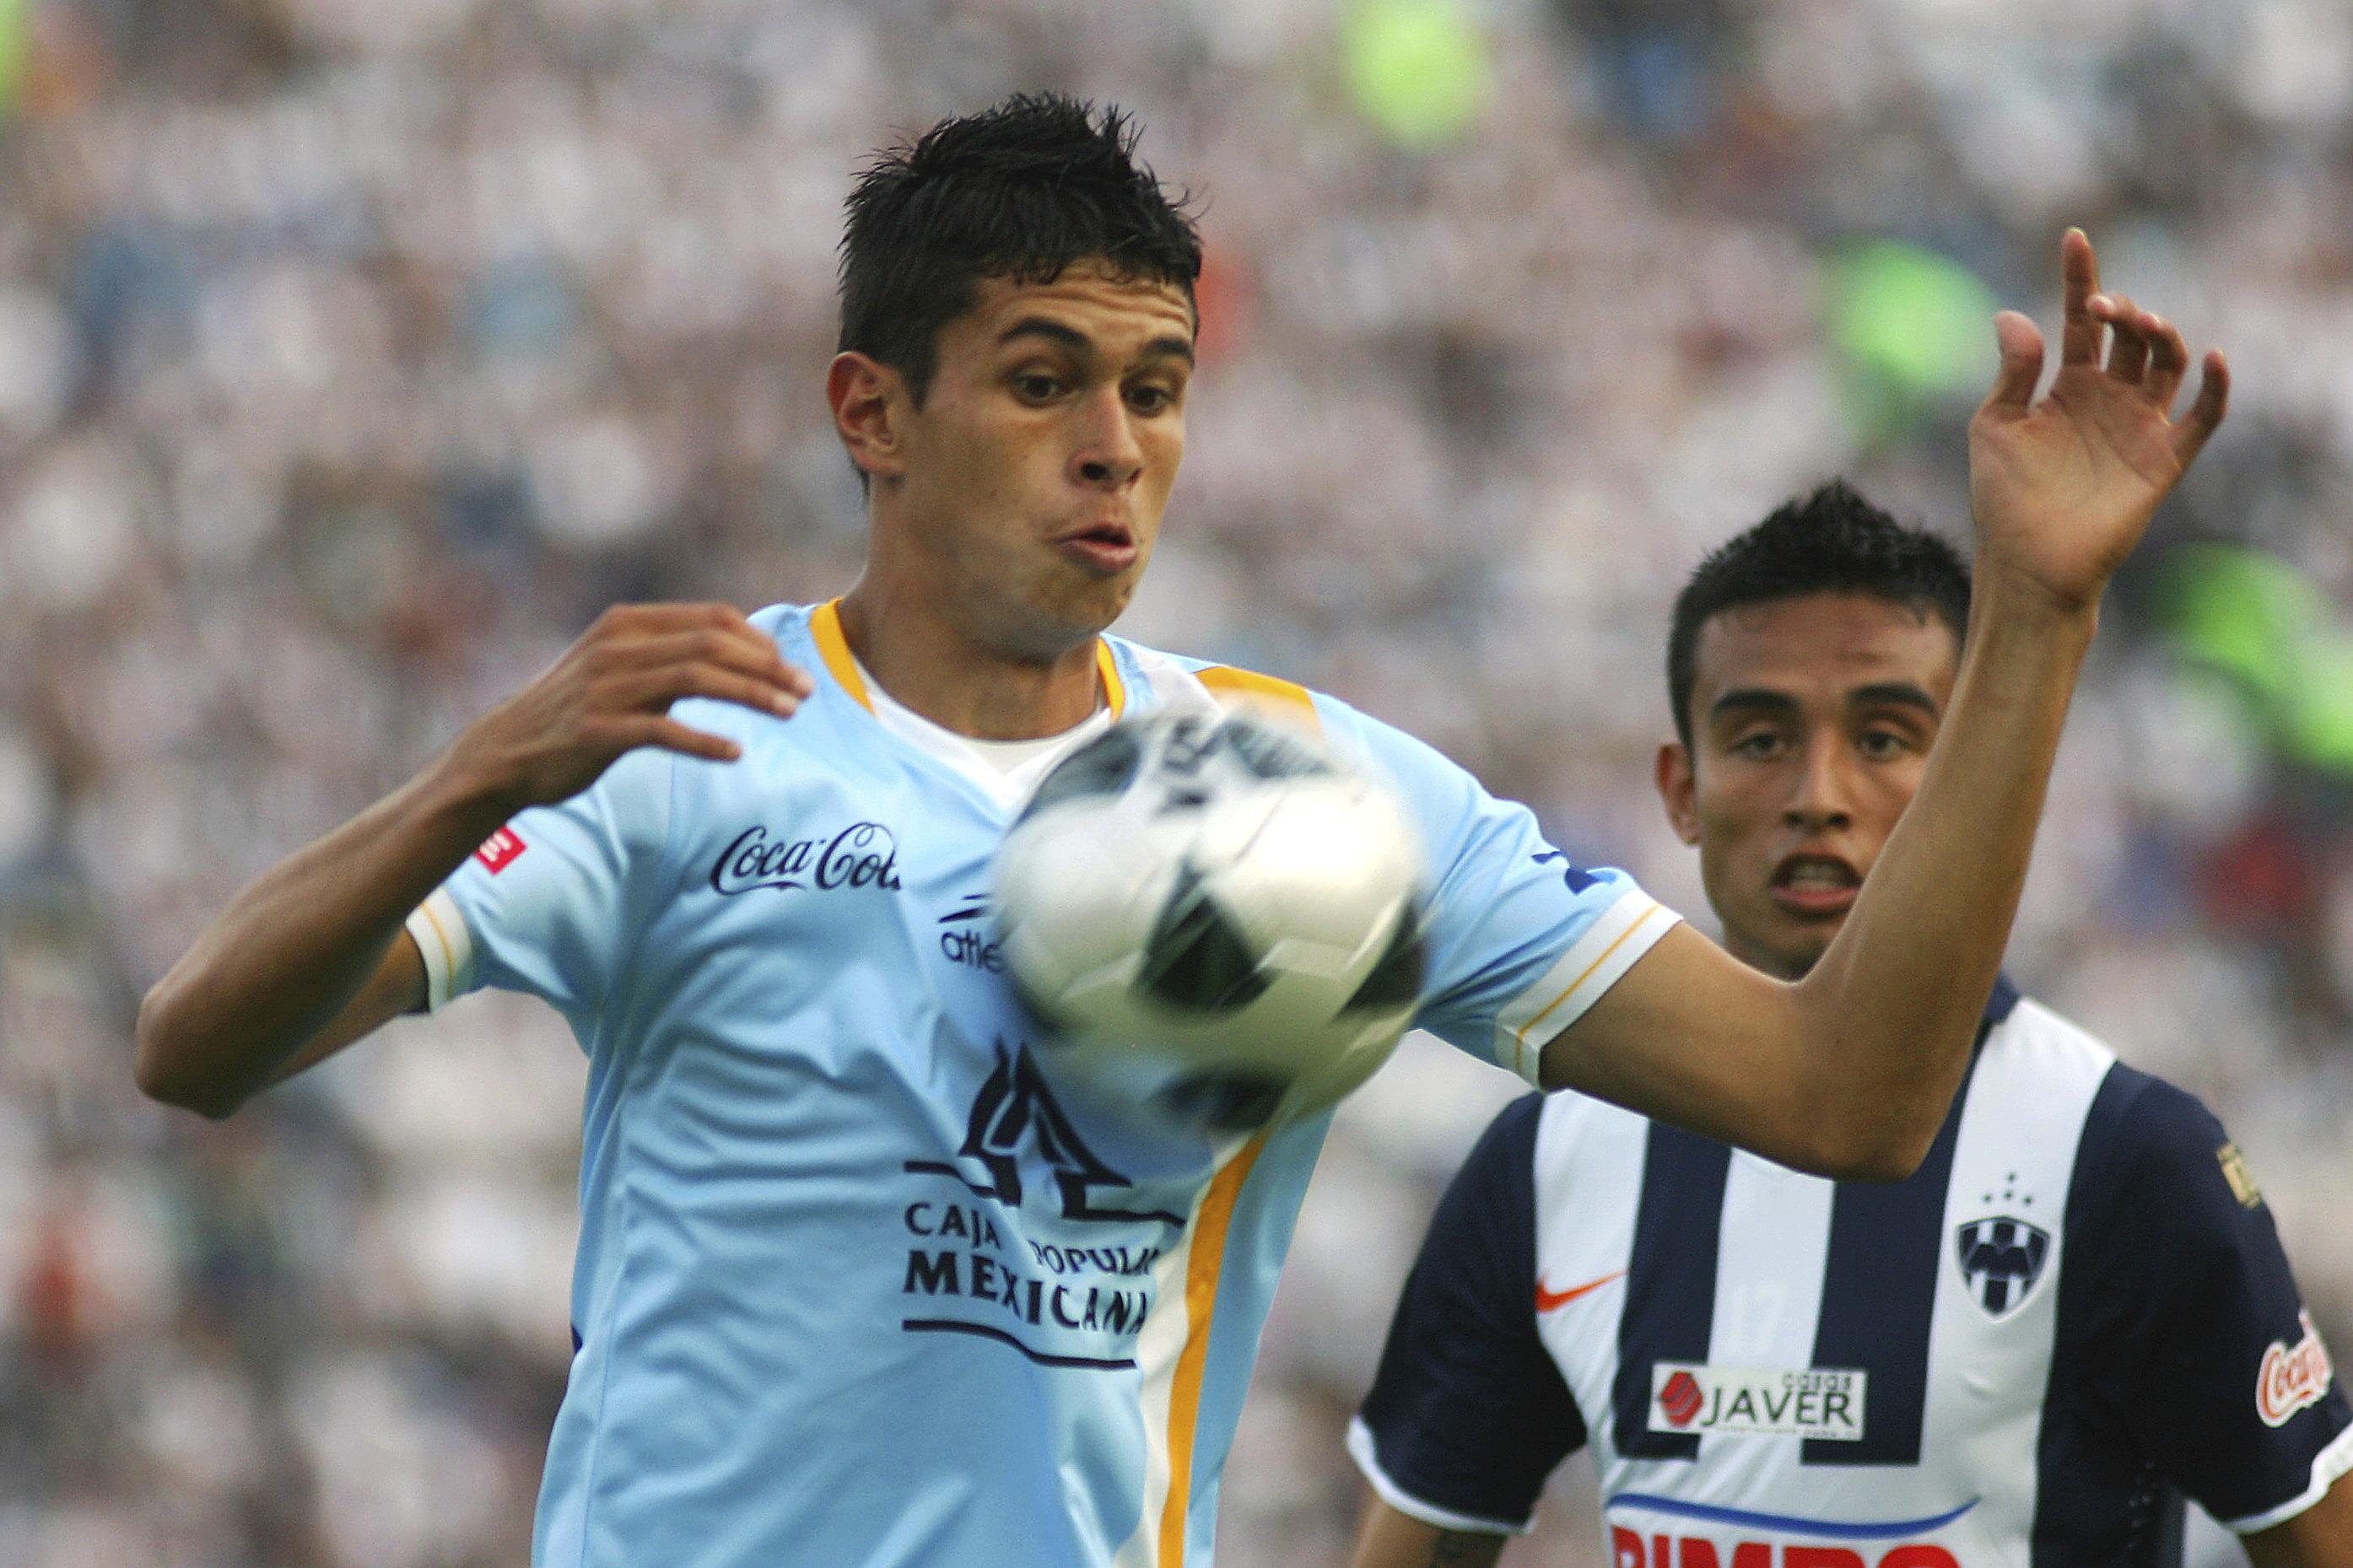 En meses futbolista mexicano pasó por Grecia, España y acaba en ...